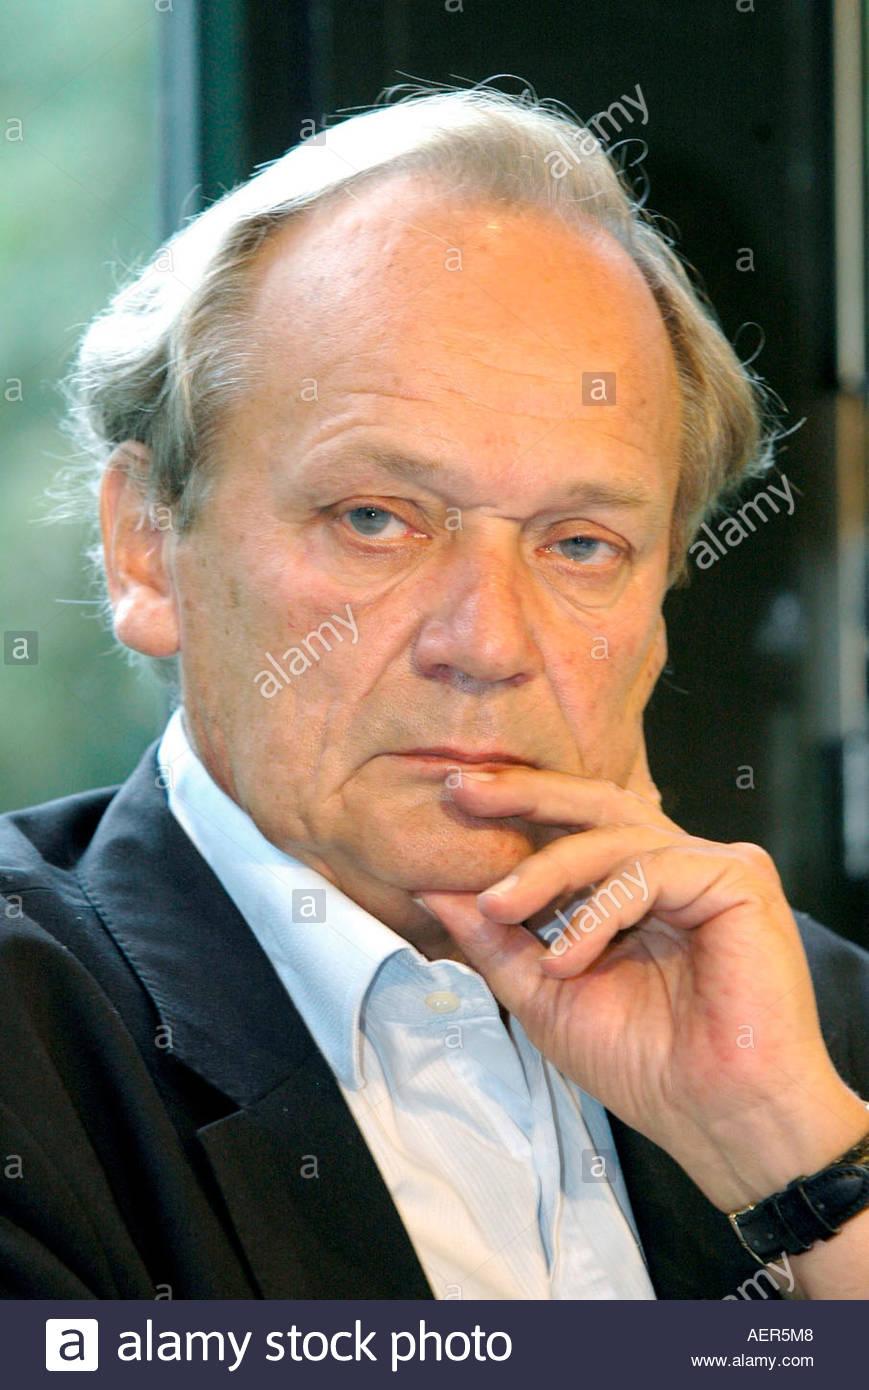 Joachim Satorius Stock Photo 7851783 Alamy